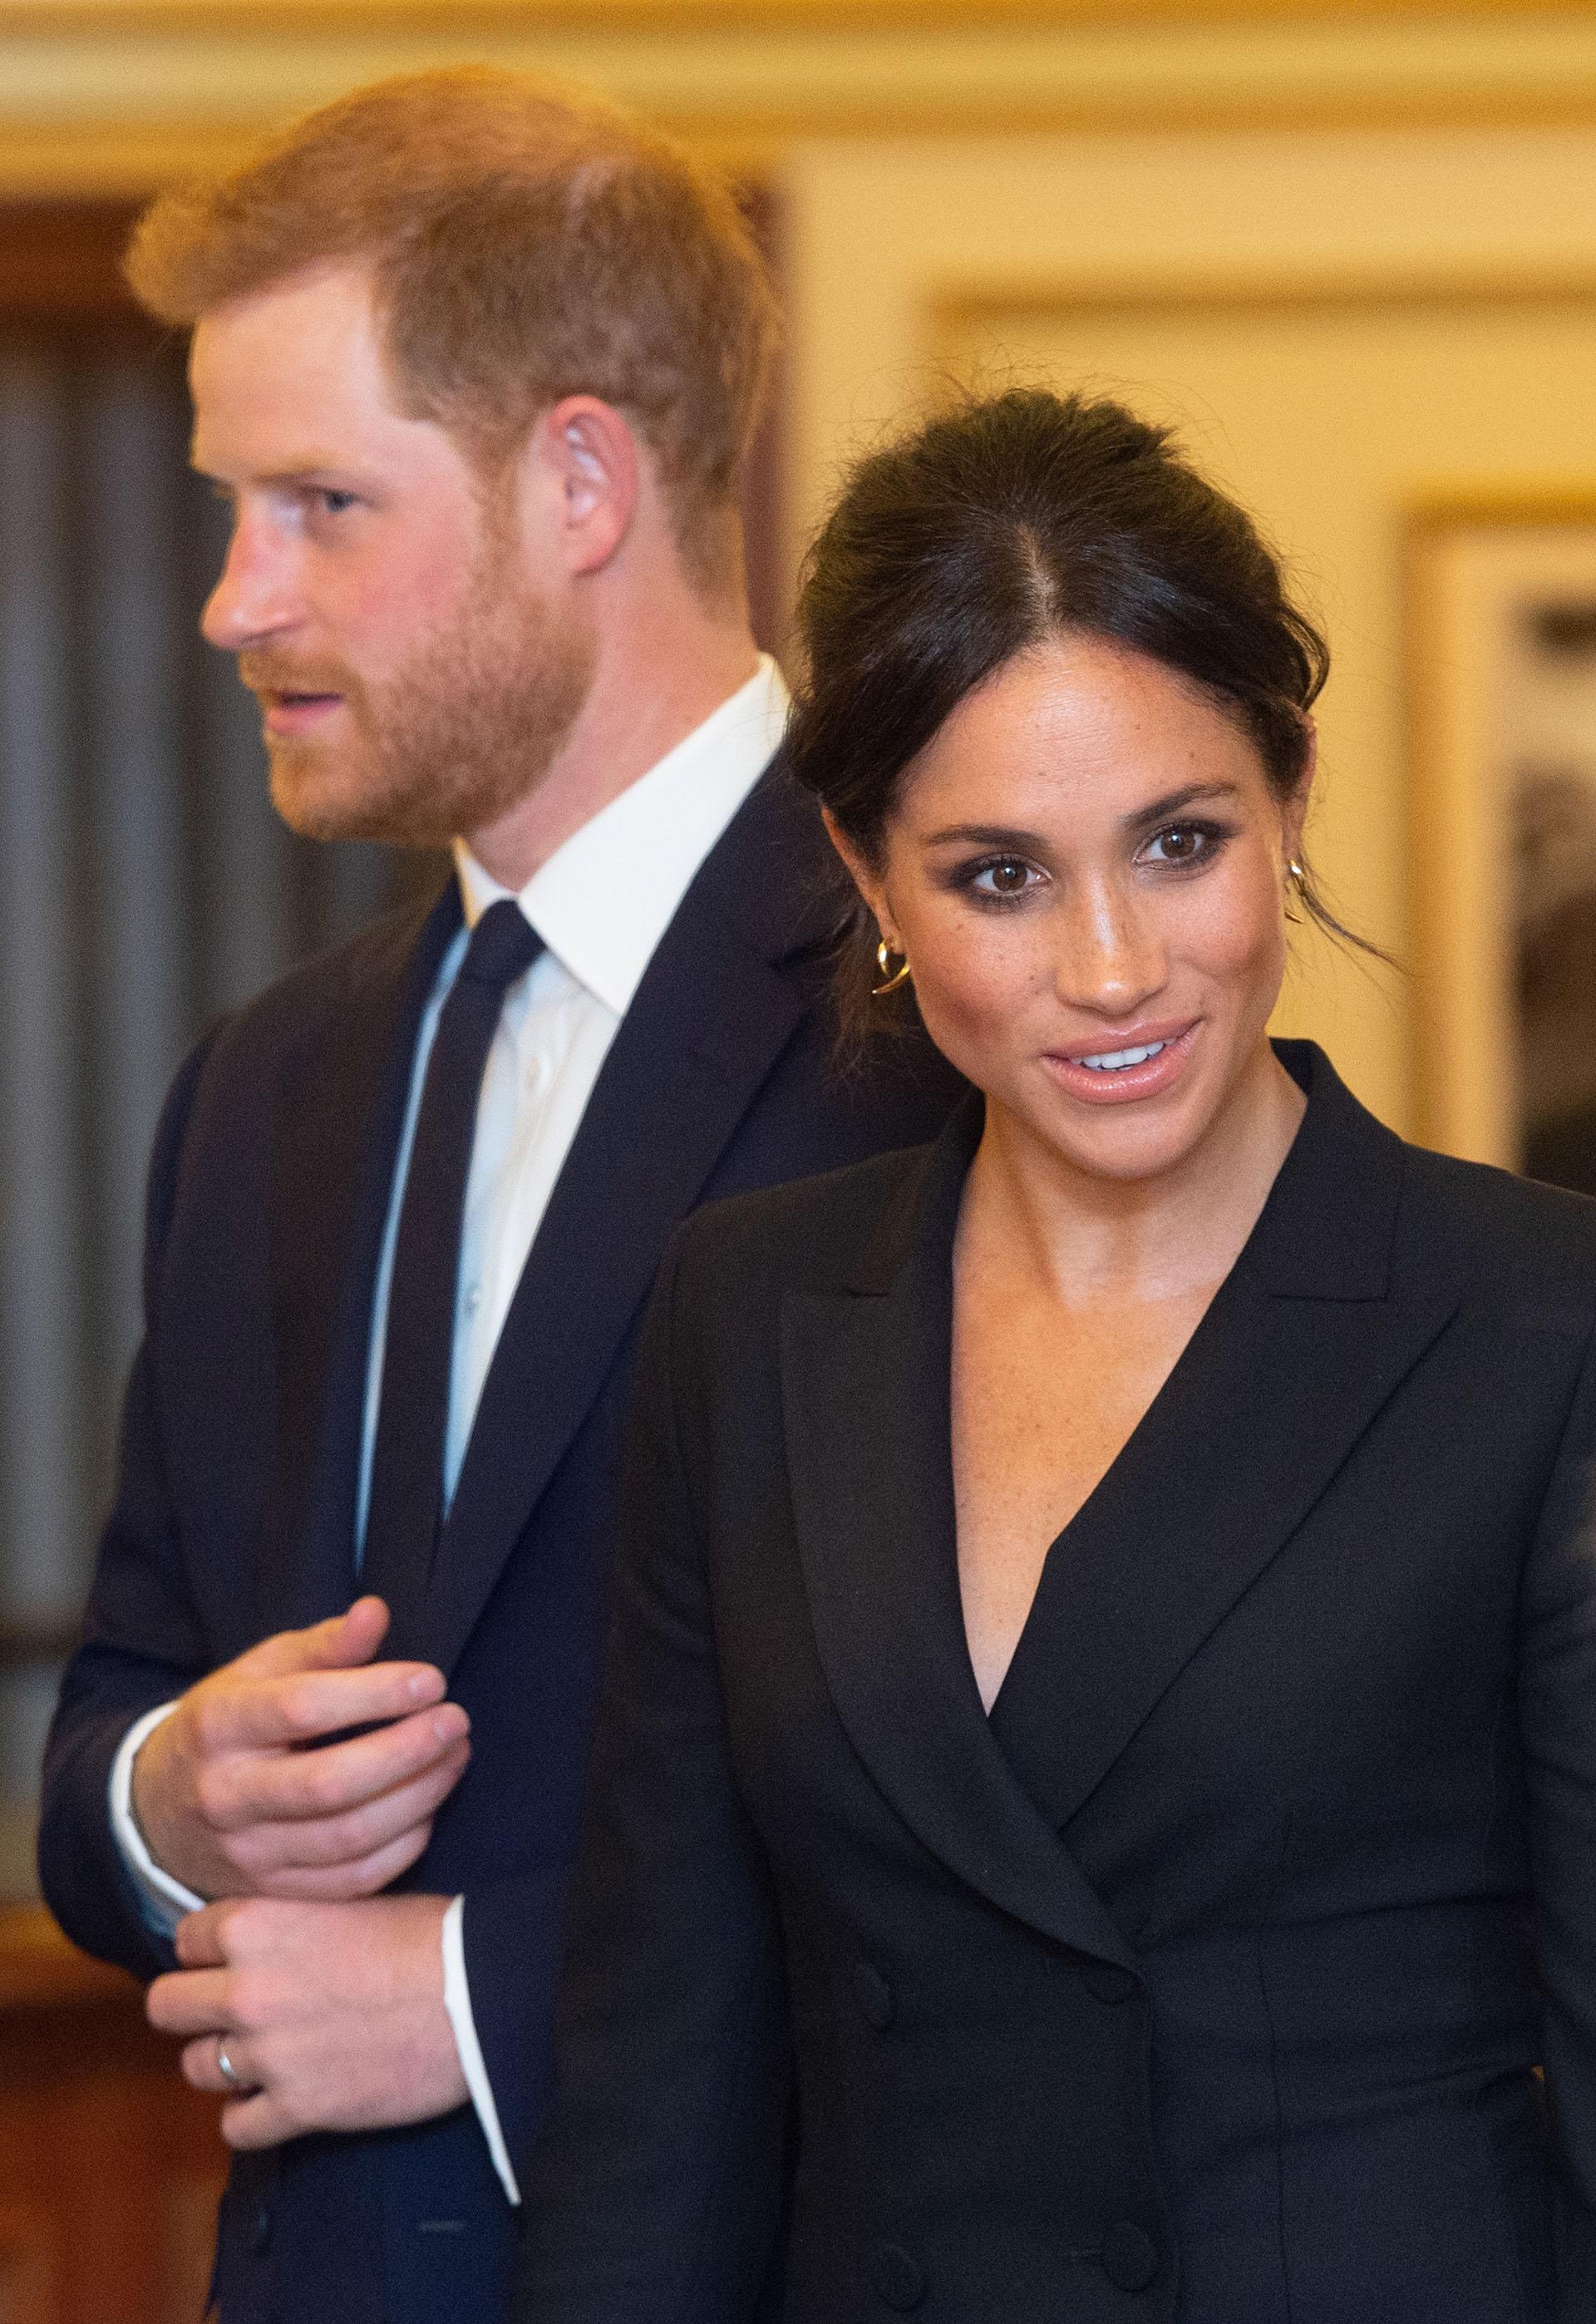 """Meghan Markle, duquesa de Sussex, junto a su marido, el príncipe Harry, a su llegada a la función teatral de """"Hamilton"""", para apoyar la misión solidaria de Sentebale, la fundación que encabeza su esposo"""